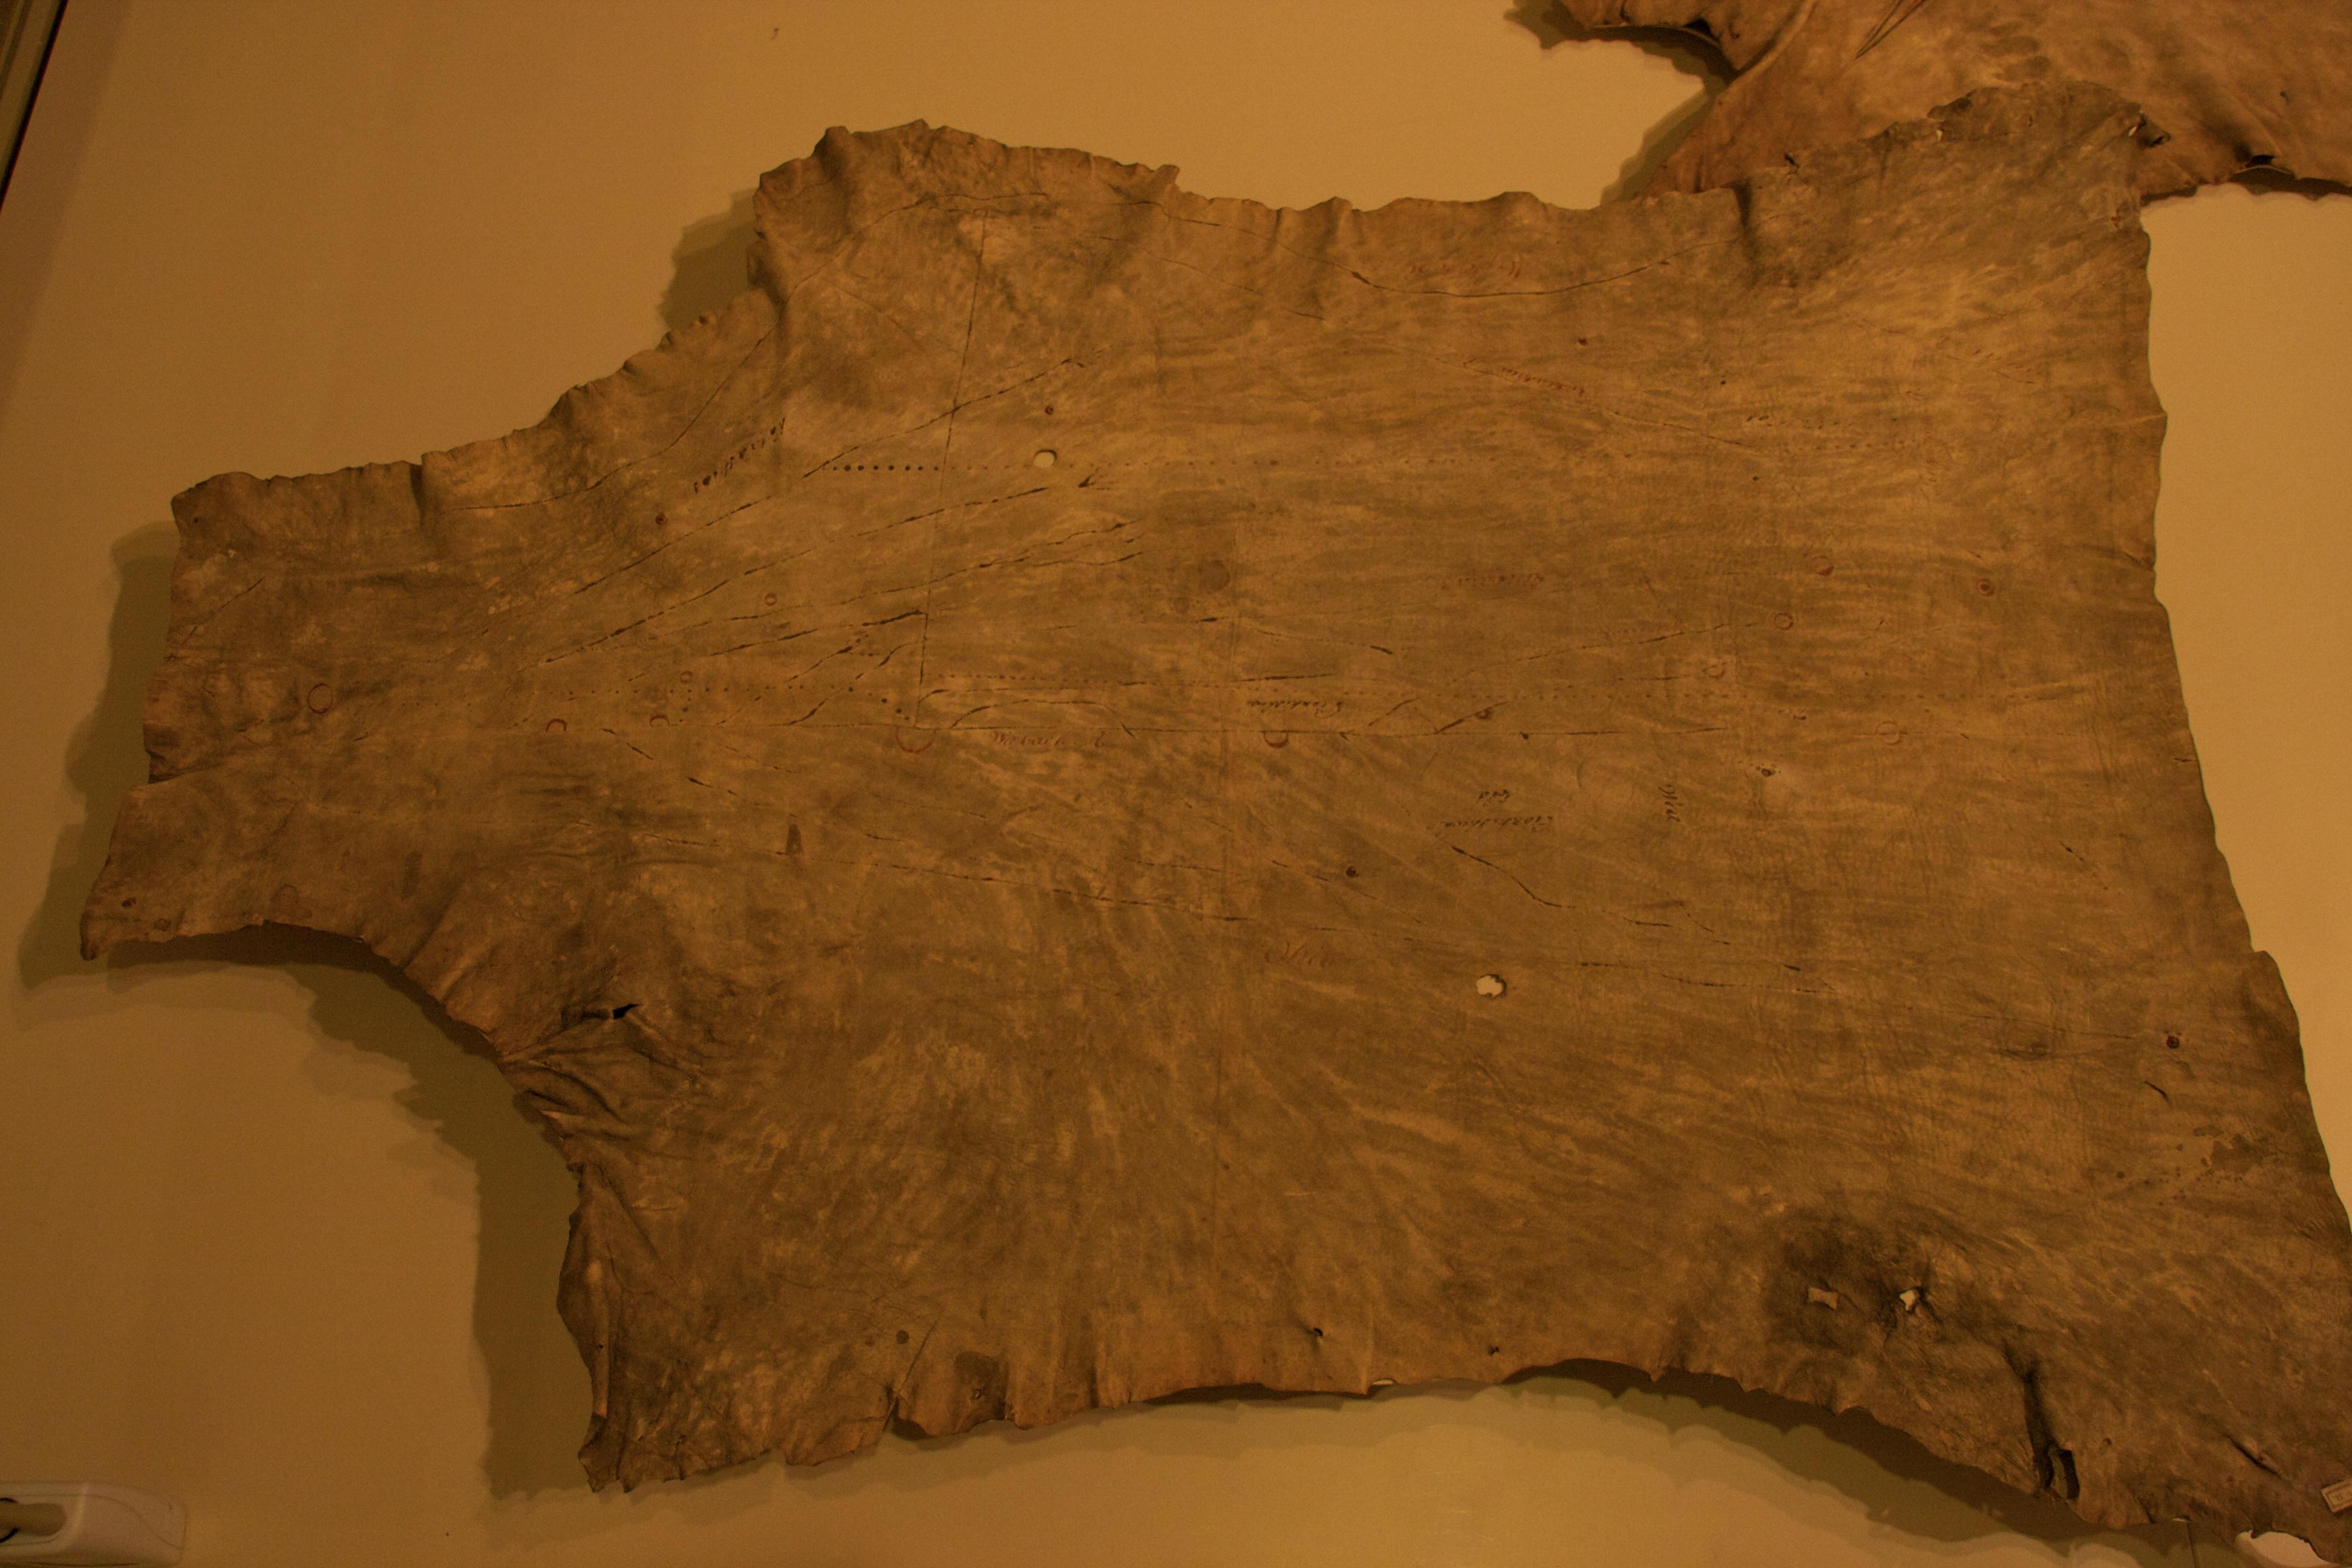 ファイル north american buckskin map british museum 2 jpg wikipedia